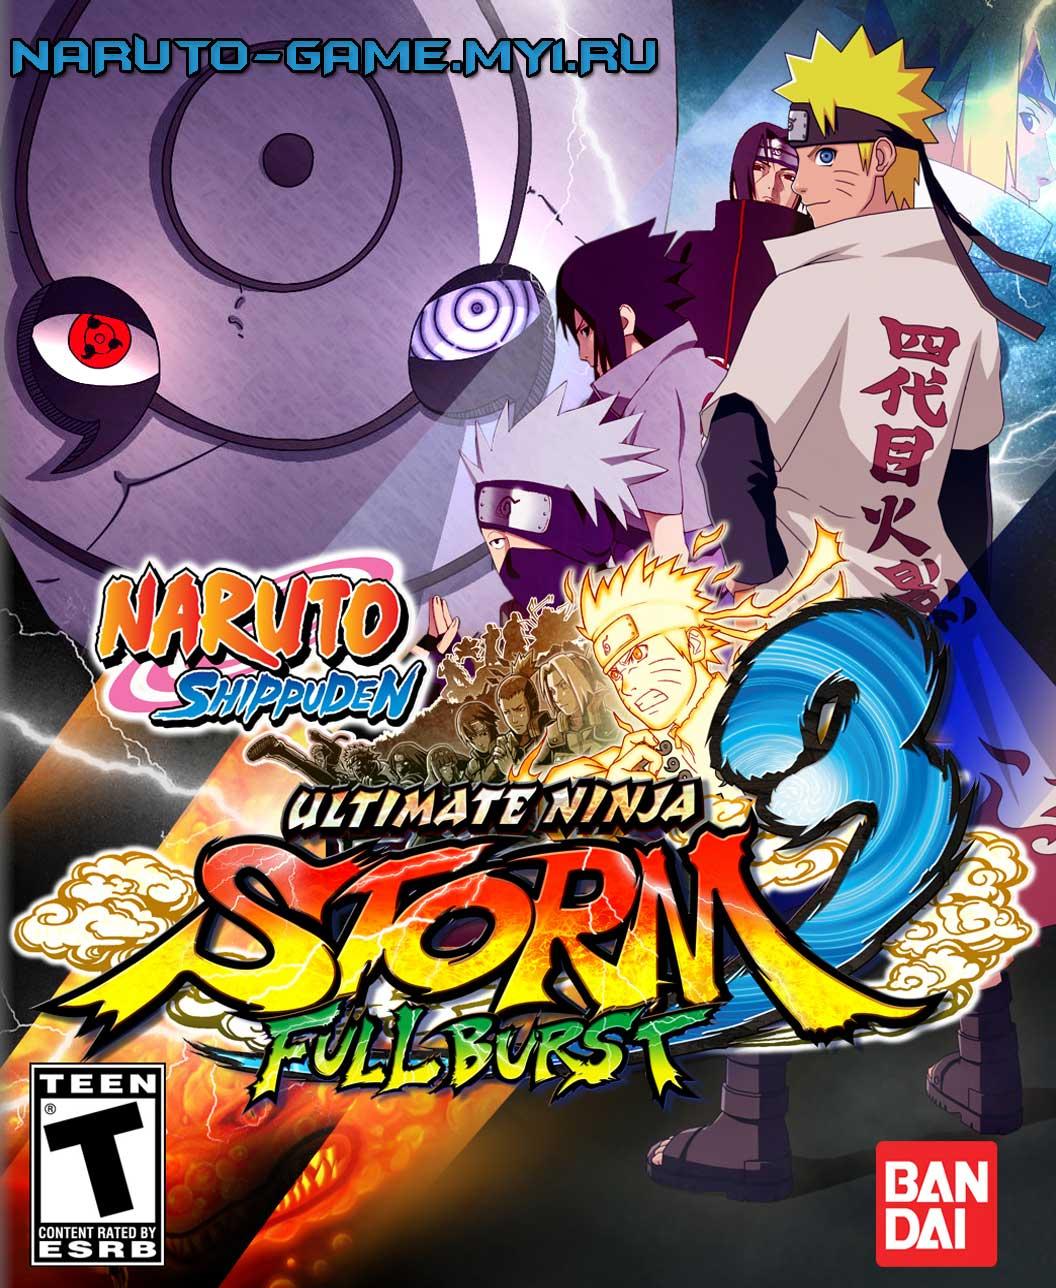 Скачати гри через торент наруто шторм 4